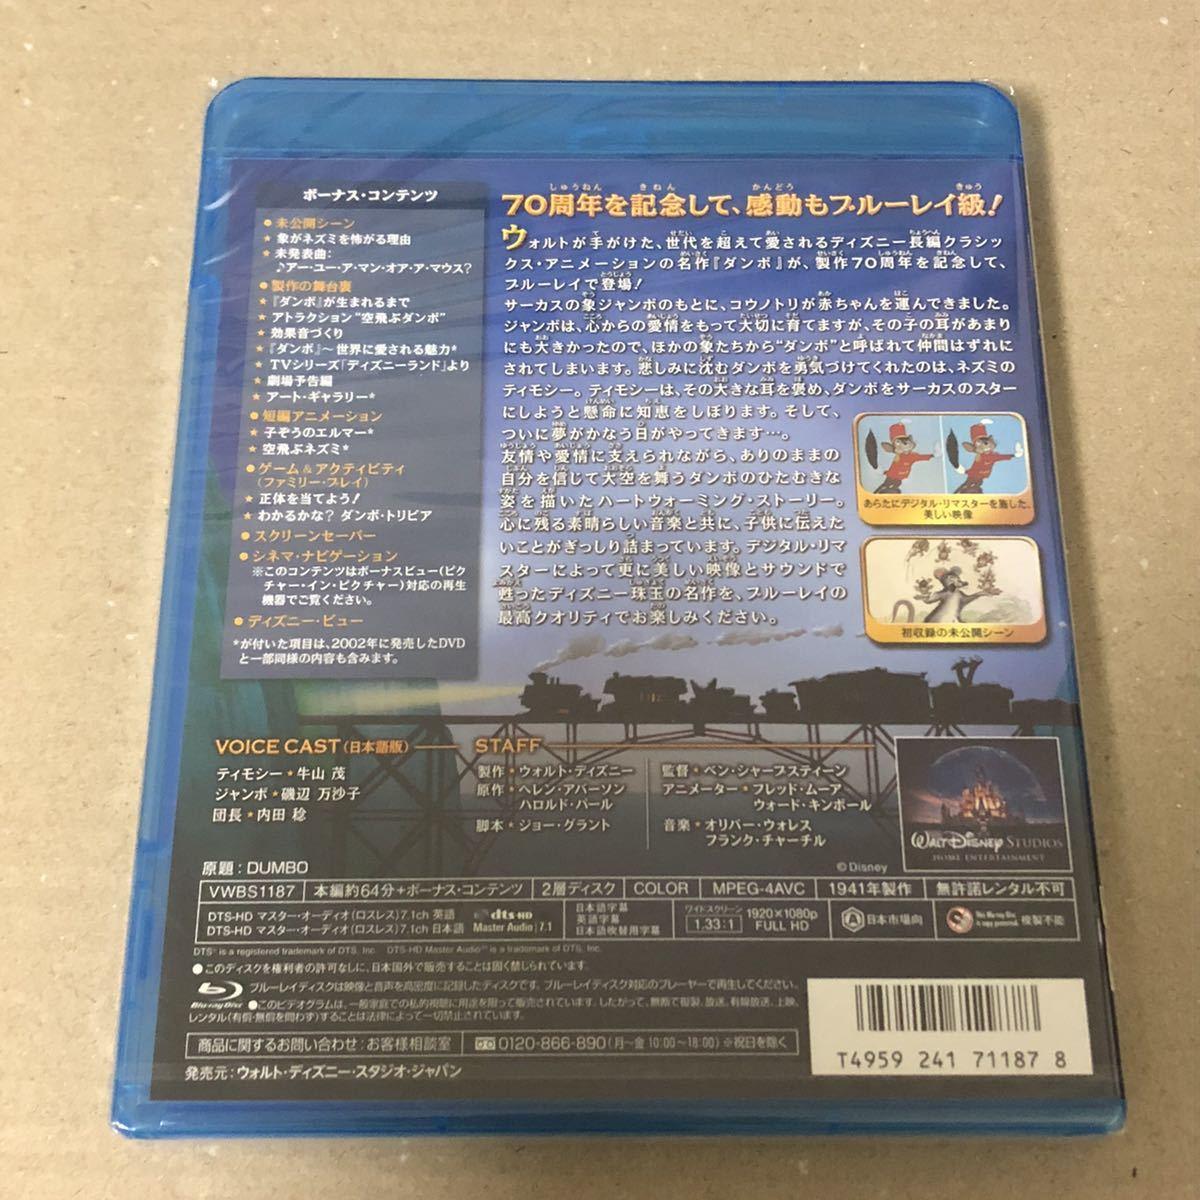 新品未開封送料込 ダンボ Blu-ray ディズニー Disney ブルーレイ DUMBO